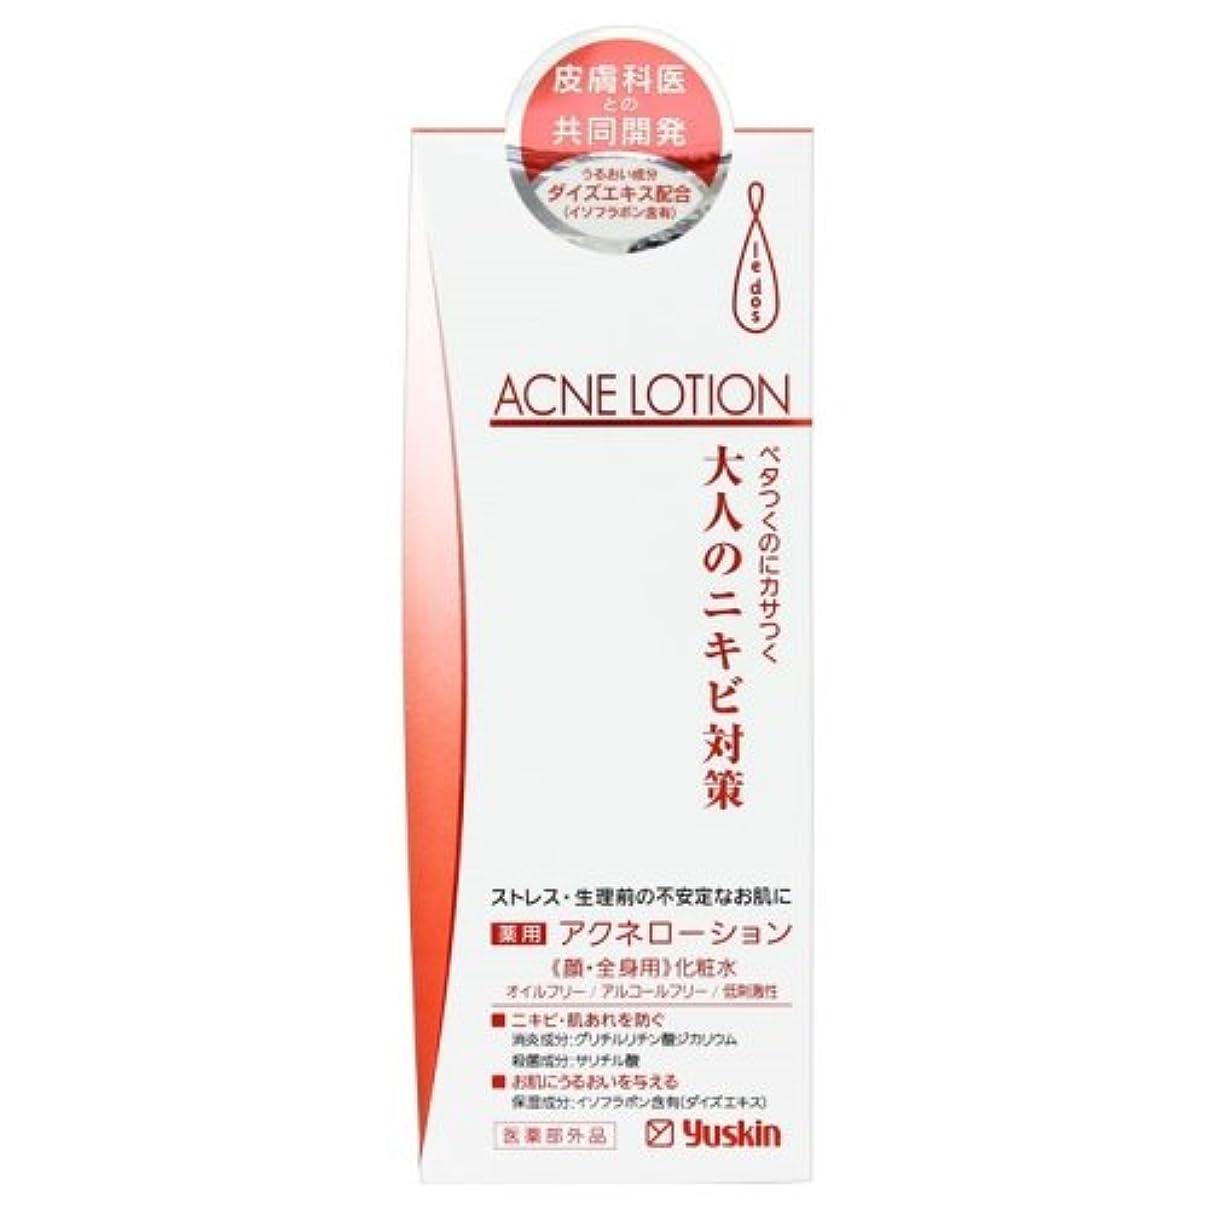 ユースキン ルドー 薬用 アクネローション 150ml (ニキビケア 化粧水) 【医薬部外品】